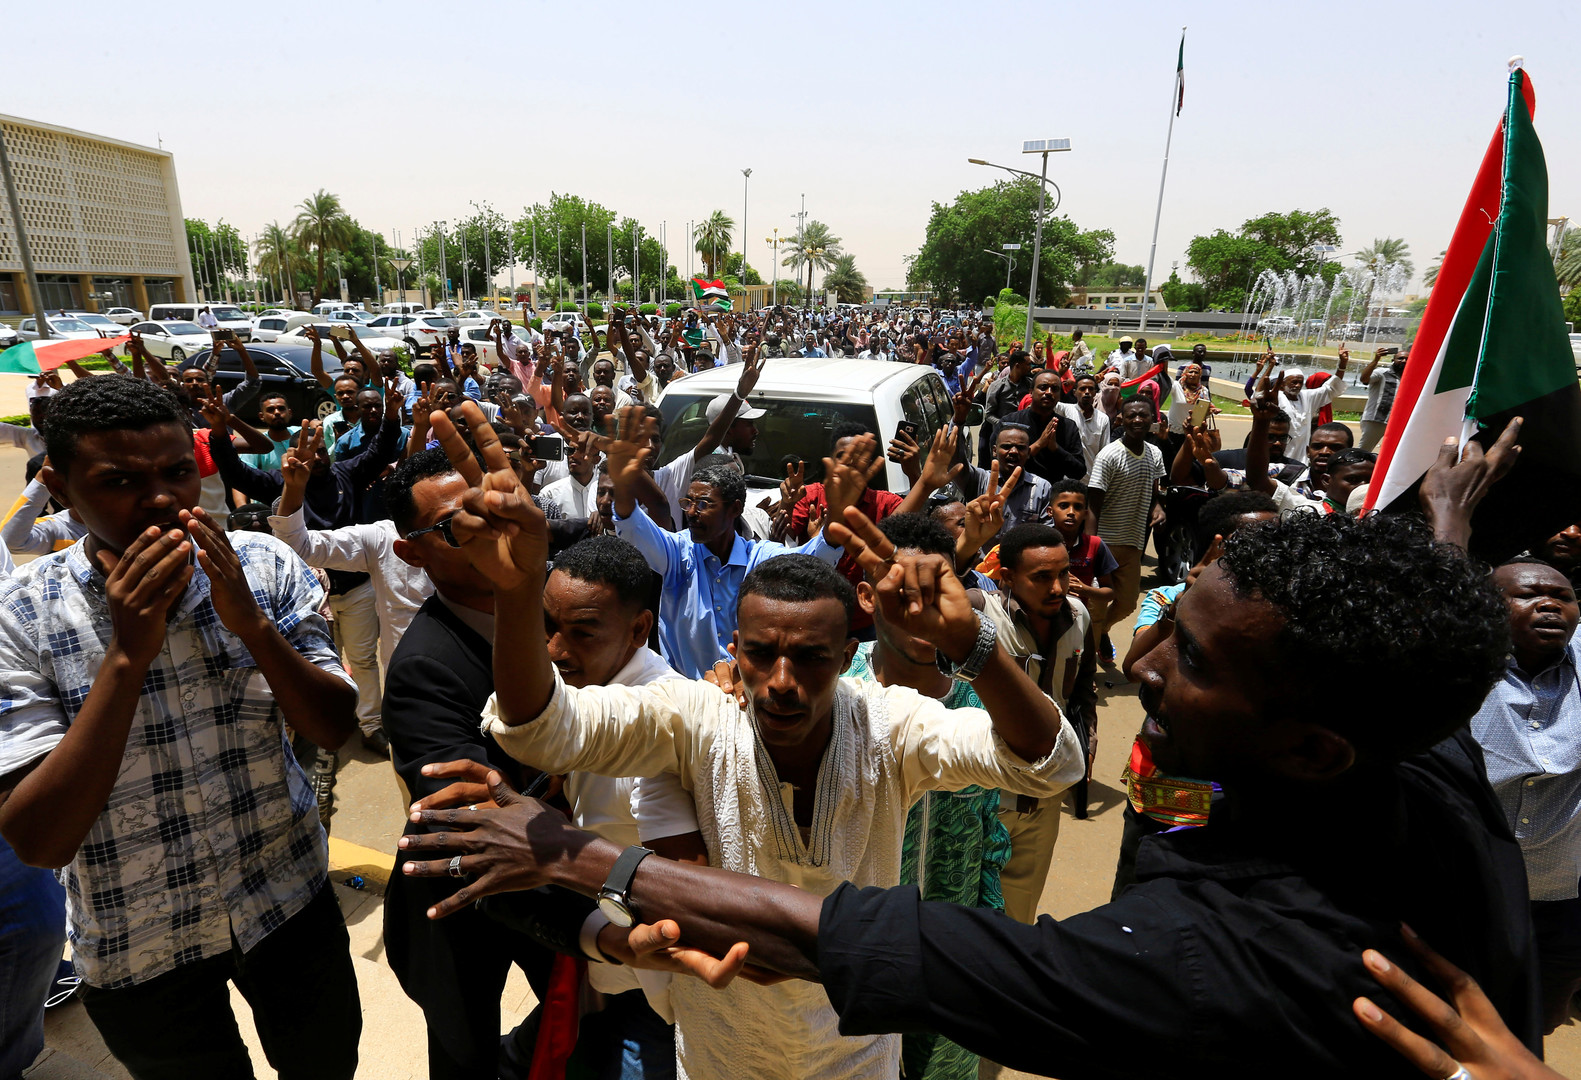 بيان مصري رسمي بشأن اجتماع المعارضة السودانية في القاهرة